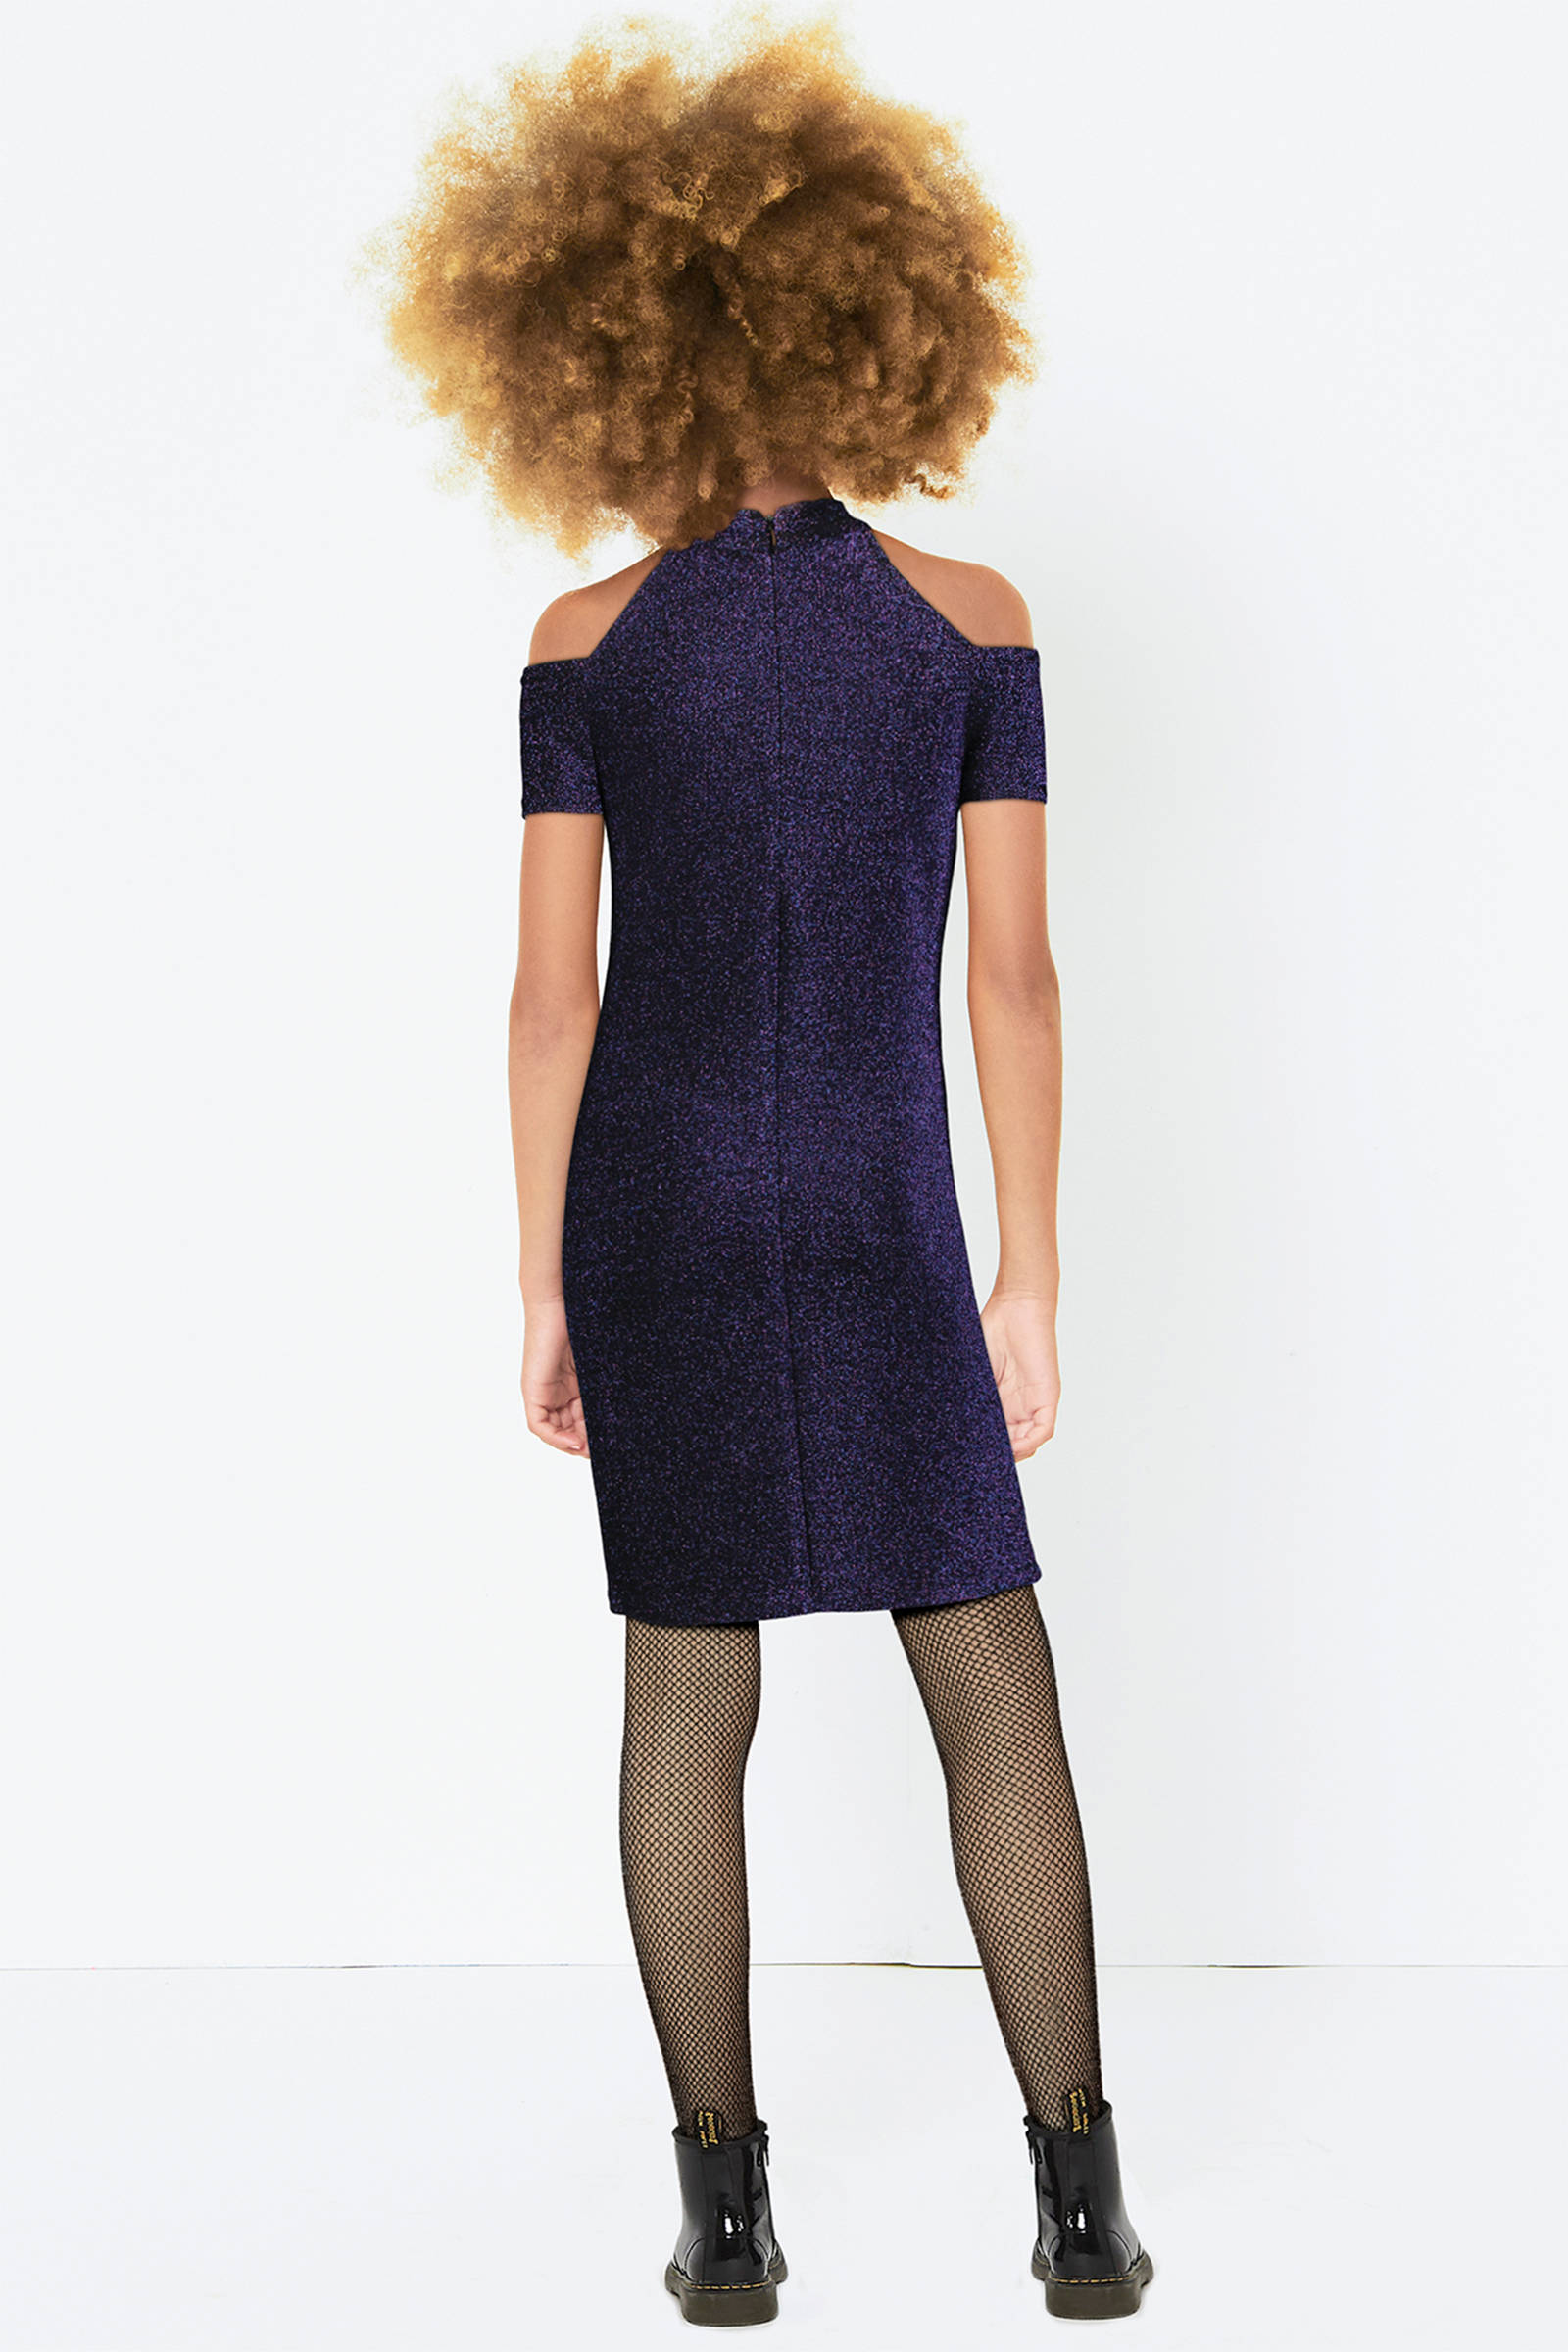 881dfd52eee37a CoolCat open shoulder glitter jurk paars